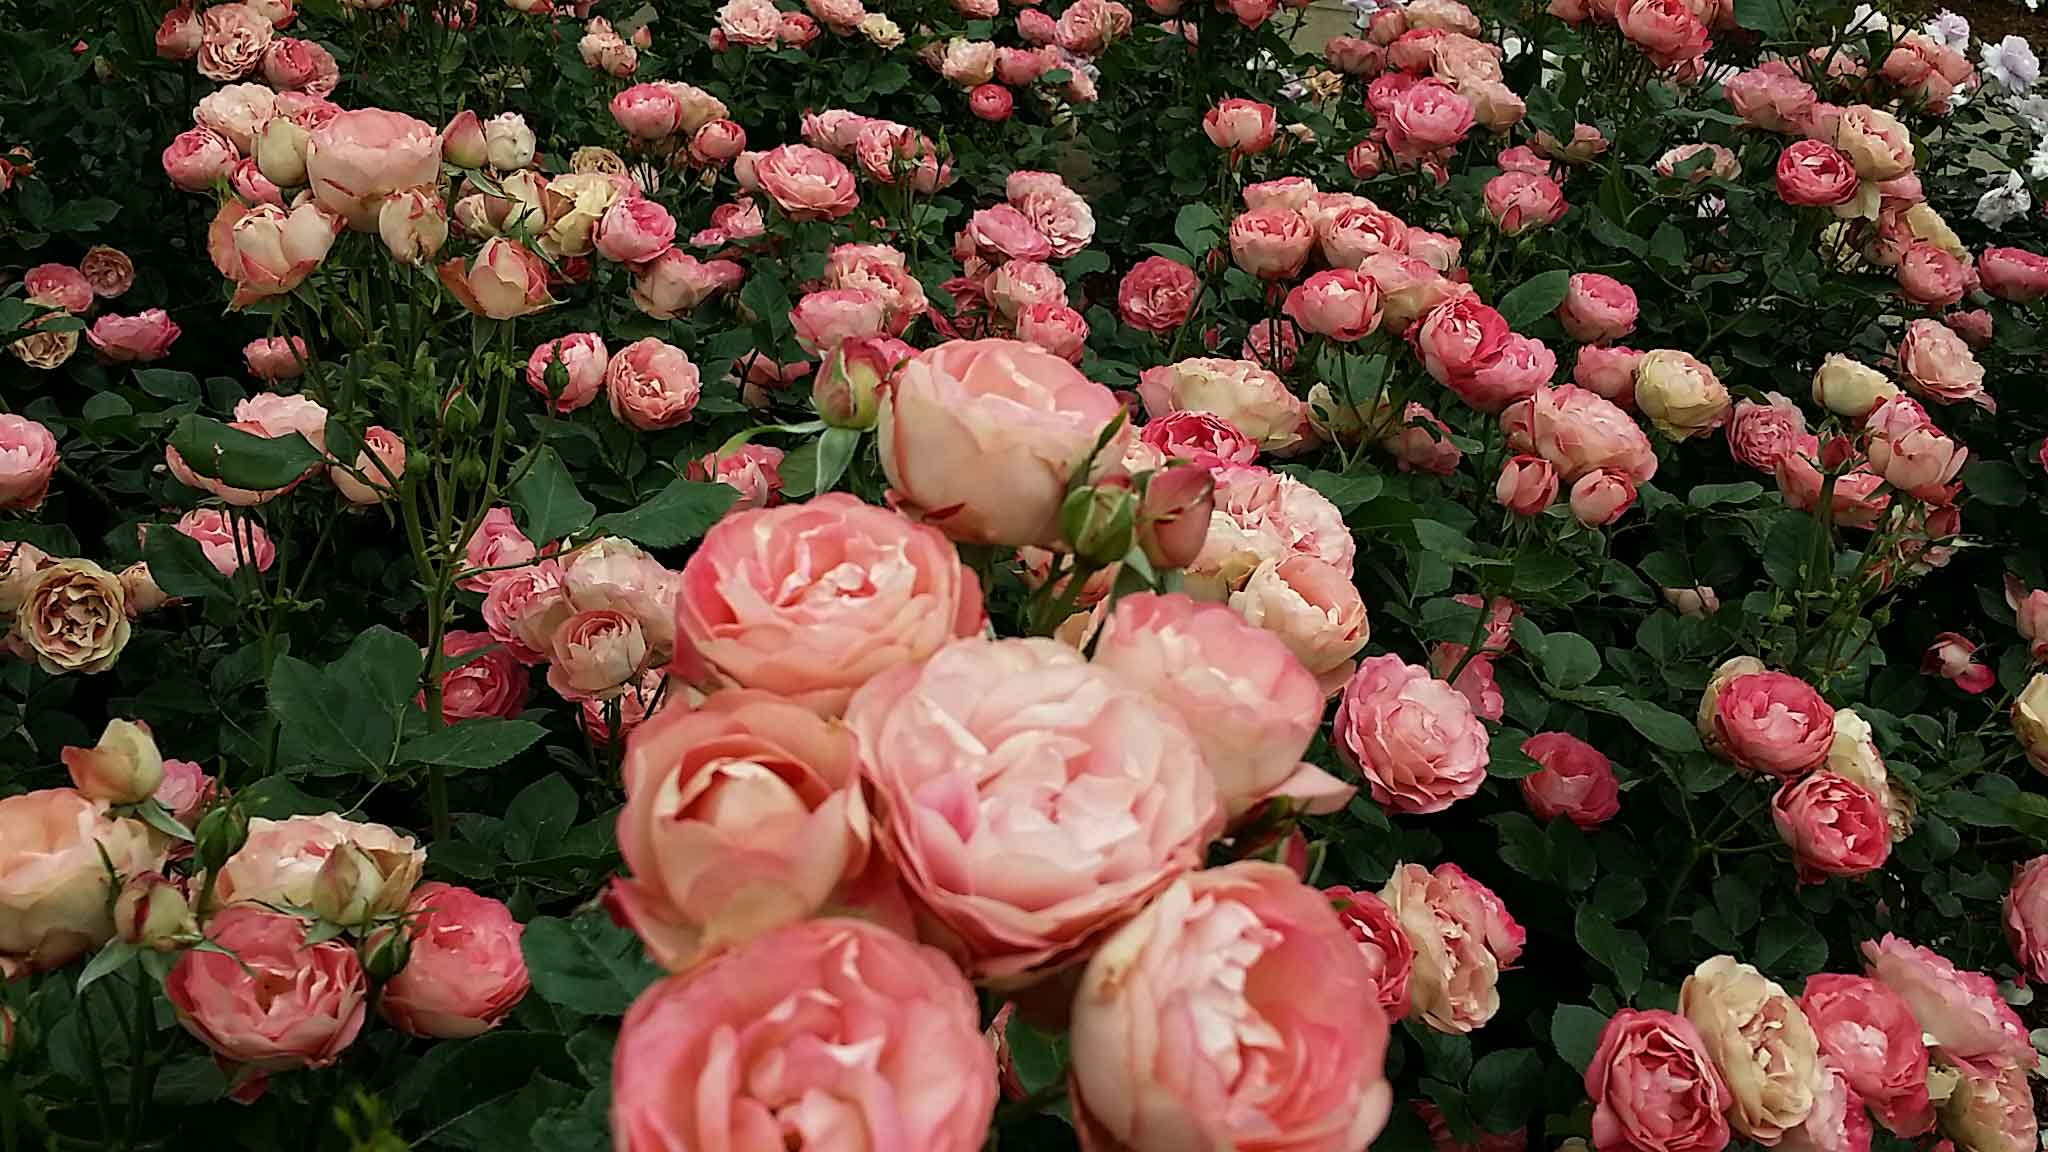 バラが咲いた♫薔薇が咲いたpart2